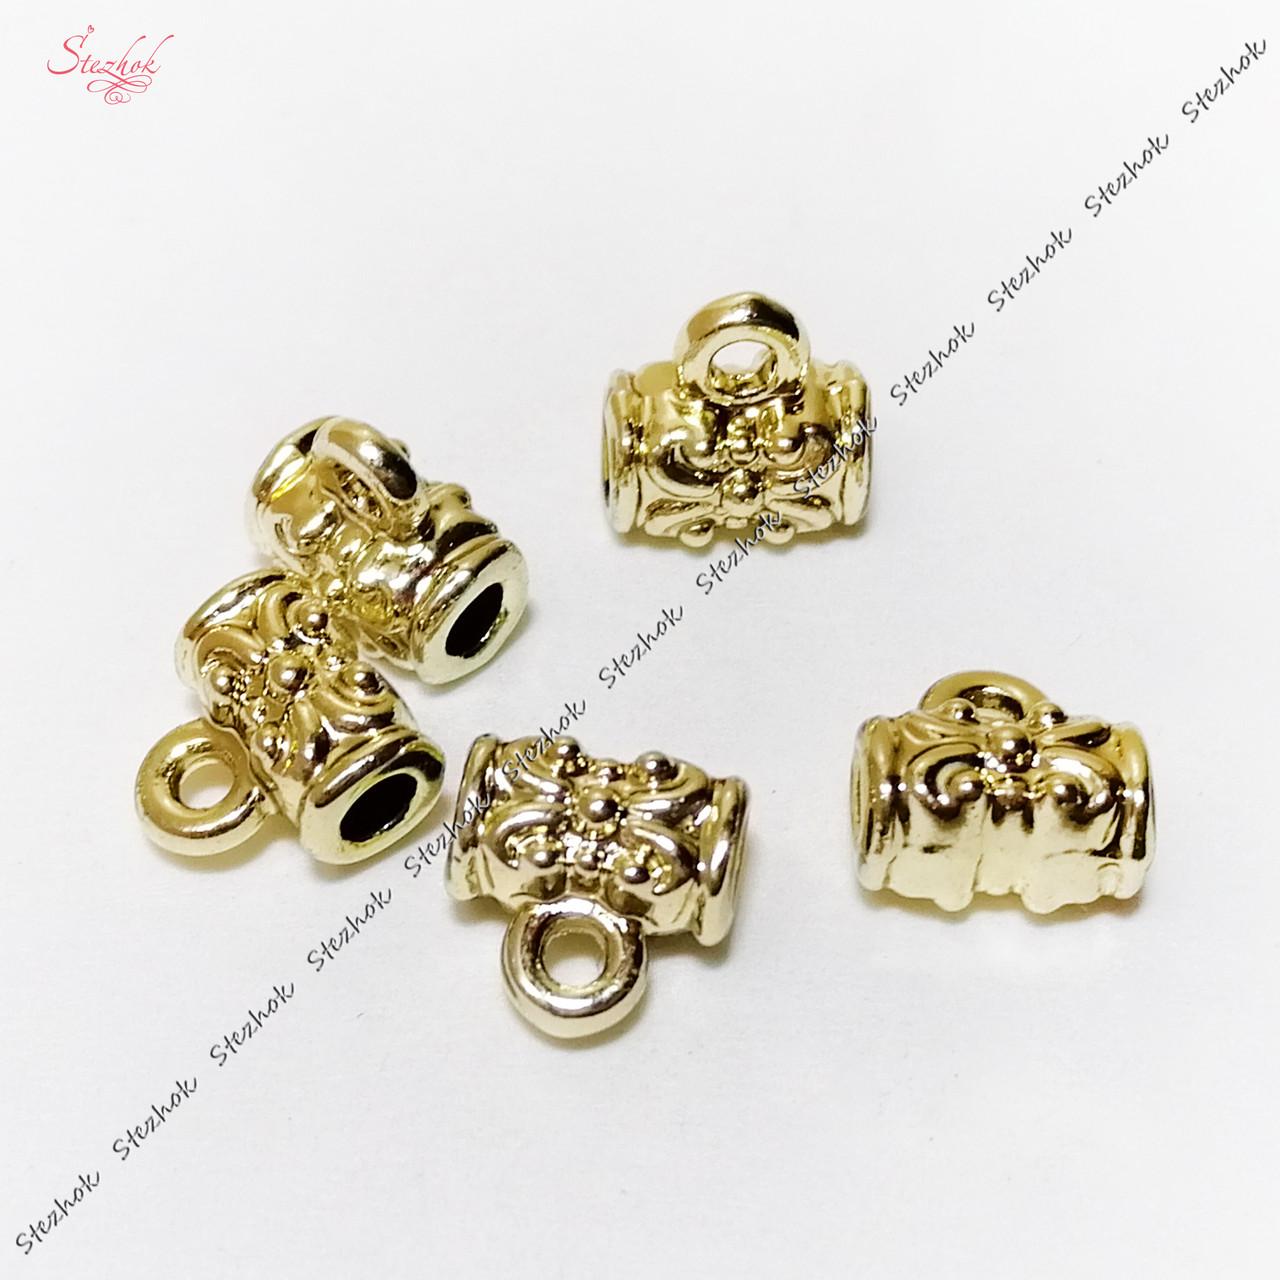 Металлические бейлы-бусины с кольцом 7х7 мм золотое покрытие для рукоделия